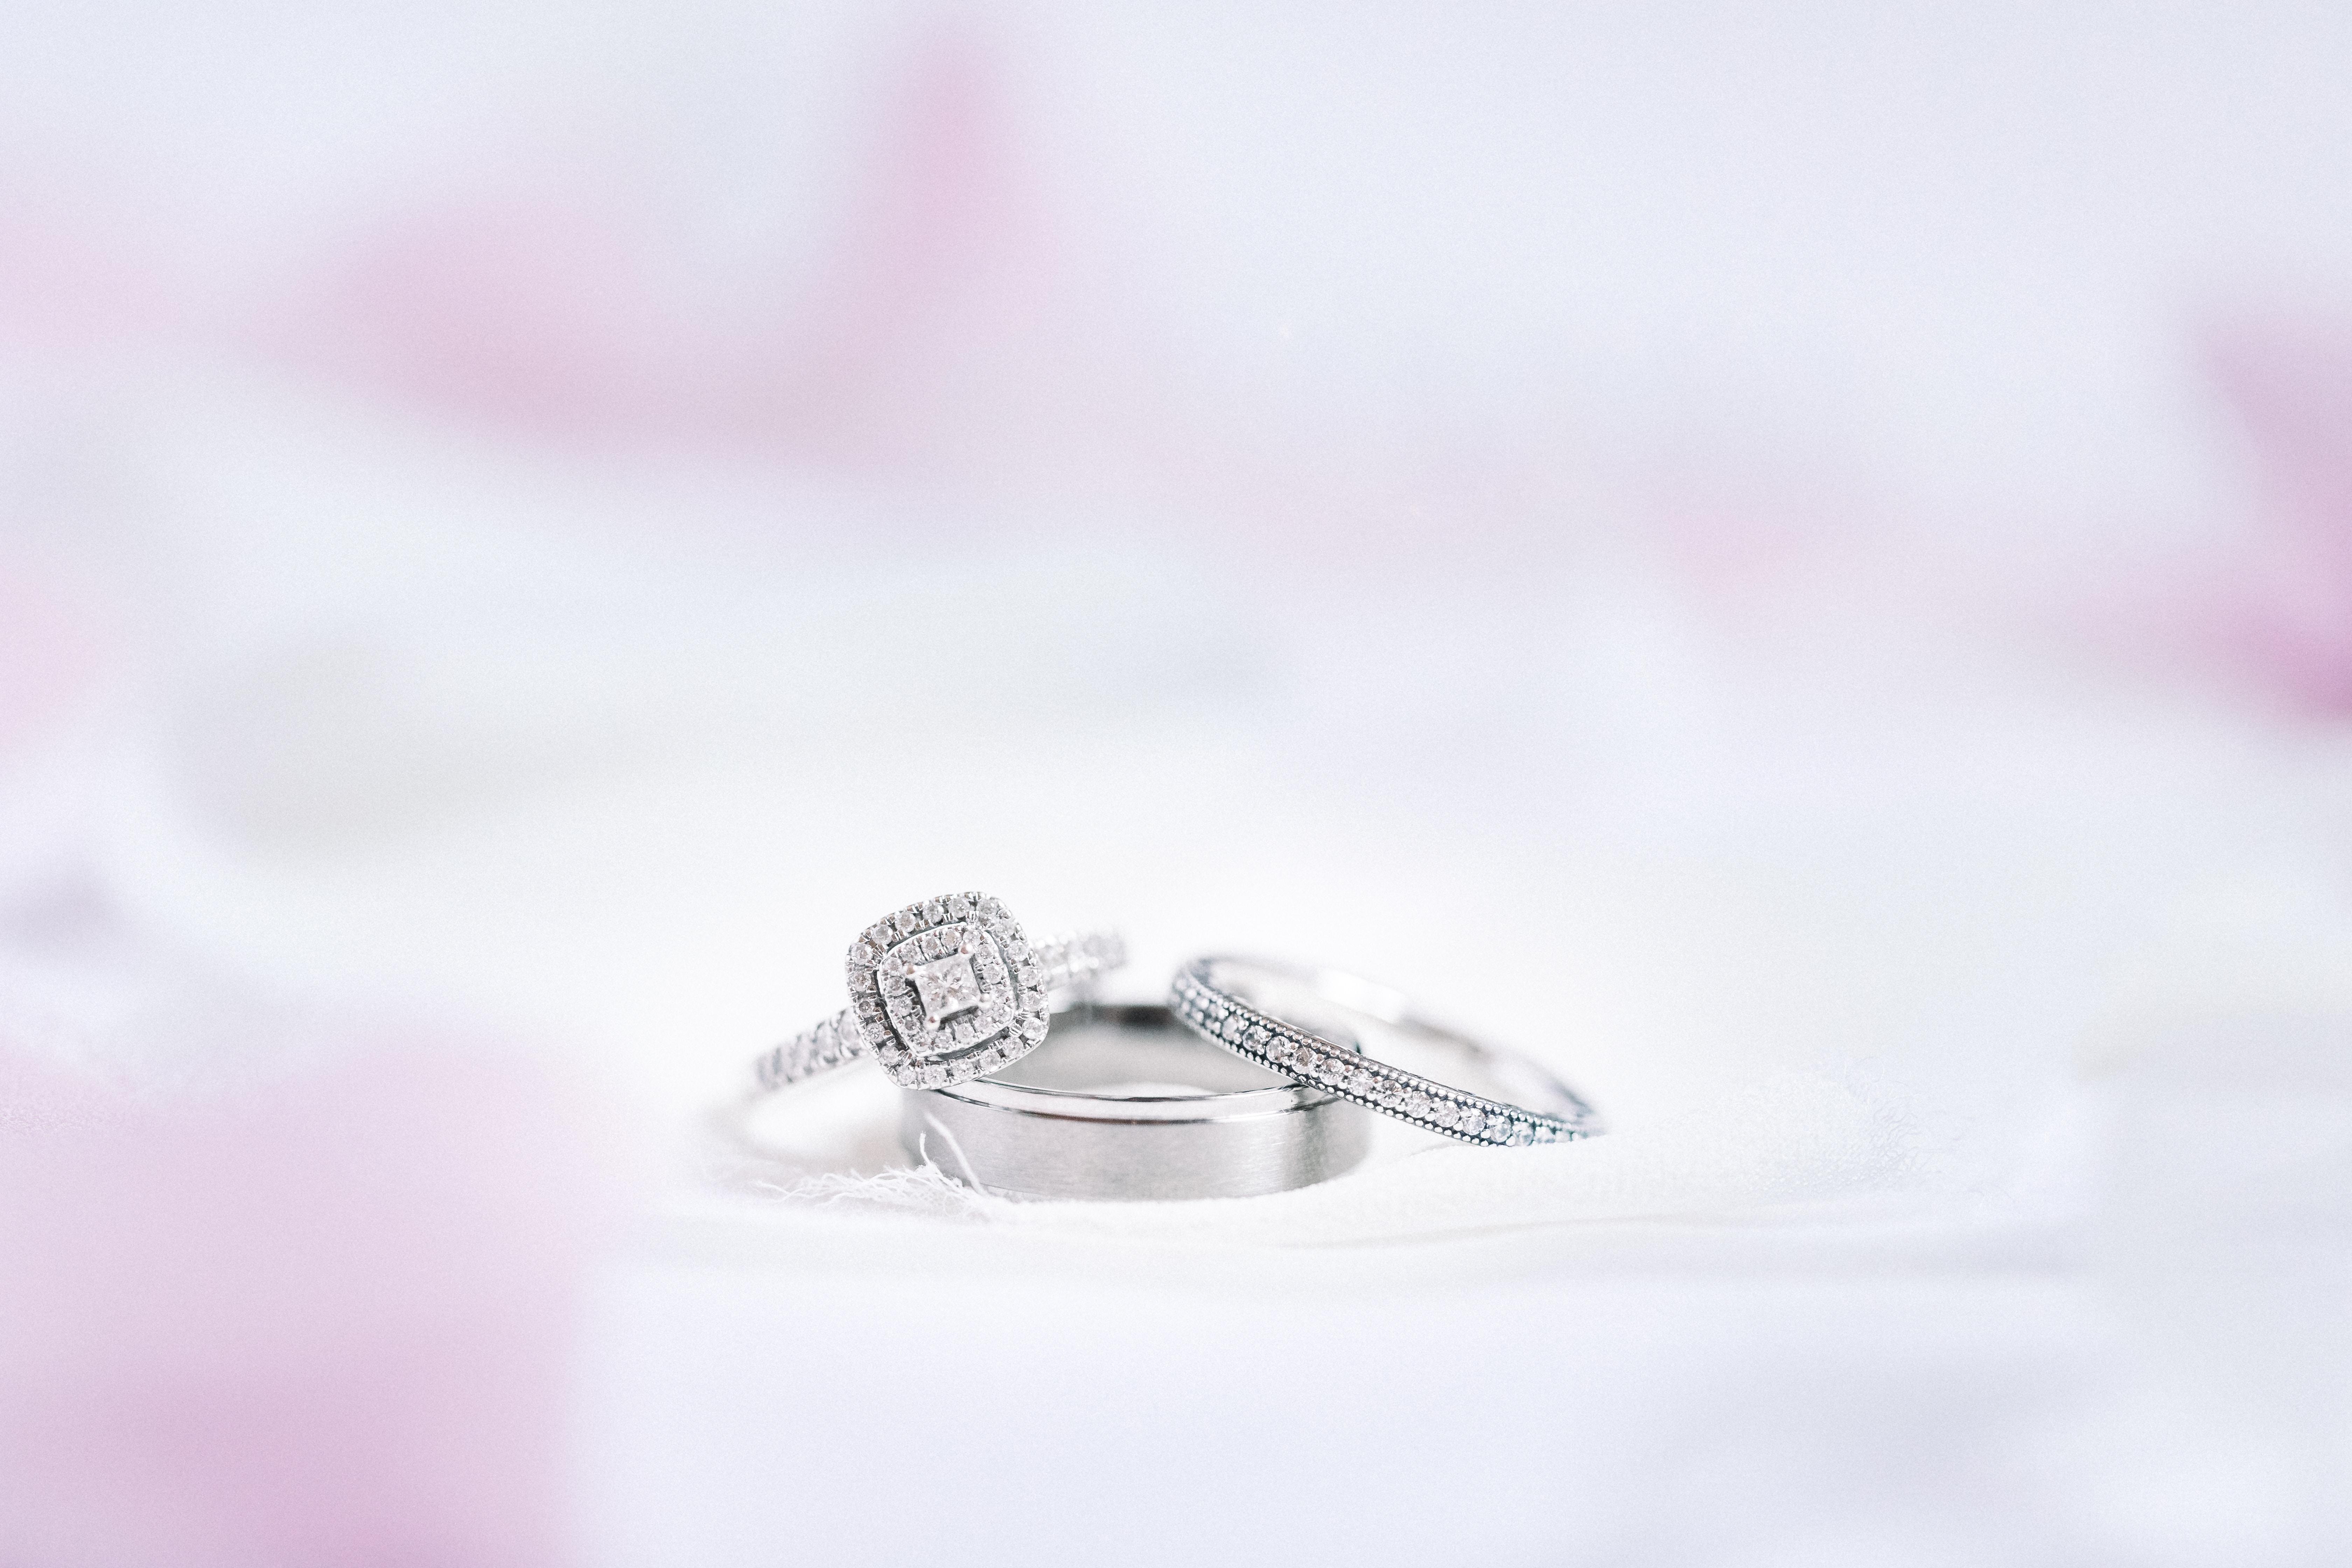 153736 Hintergrundbild 240x320 kostenlos auf deinem Handy, lade Bilder Hochzeit, Liebe, Ringe, Eheringe 240x320 auf dein Handy herunter